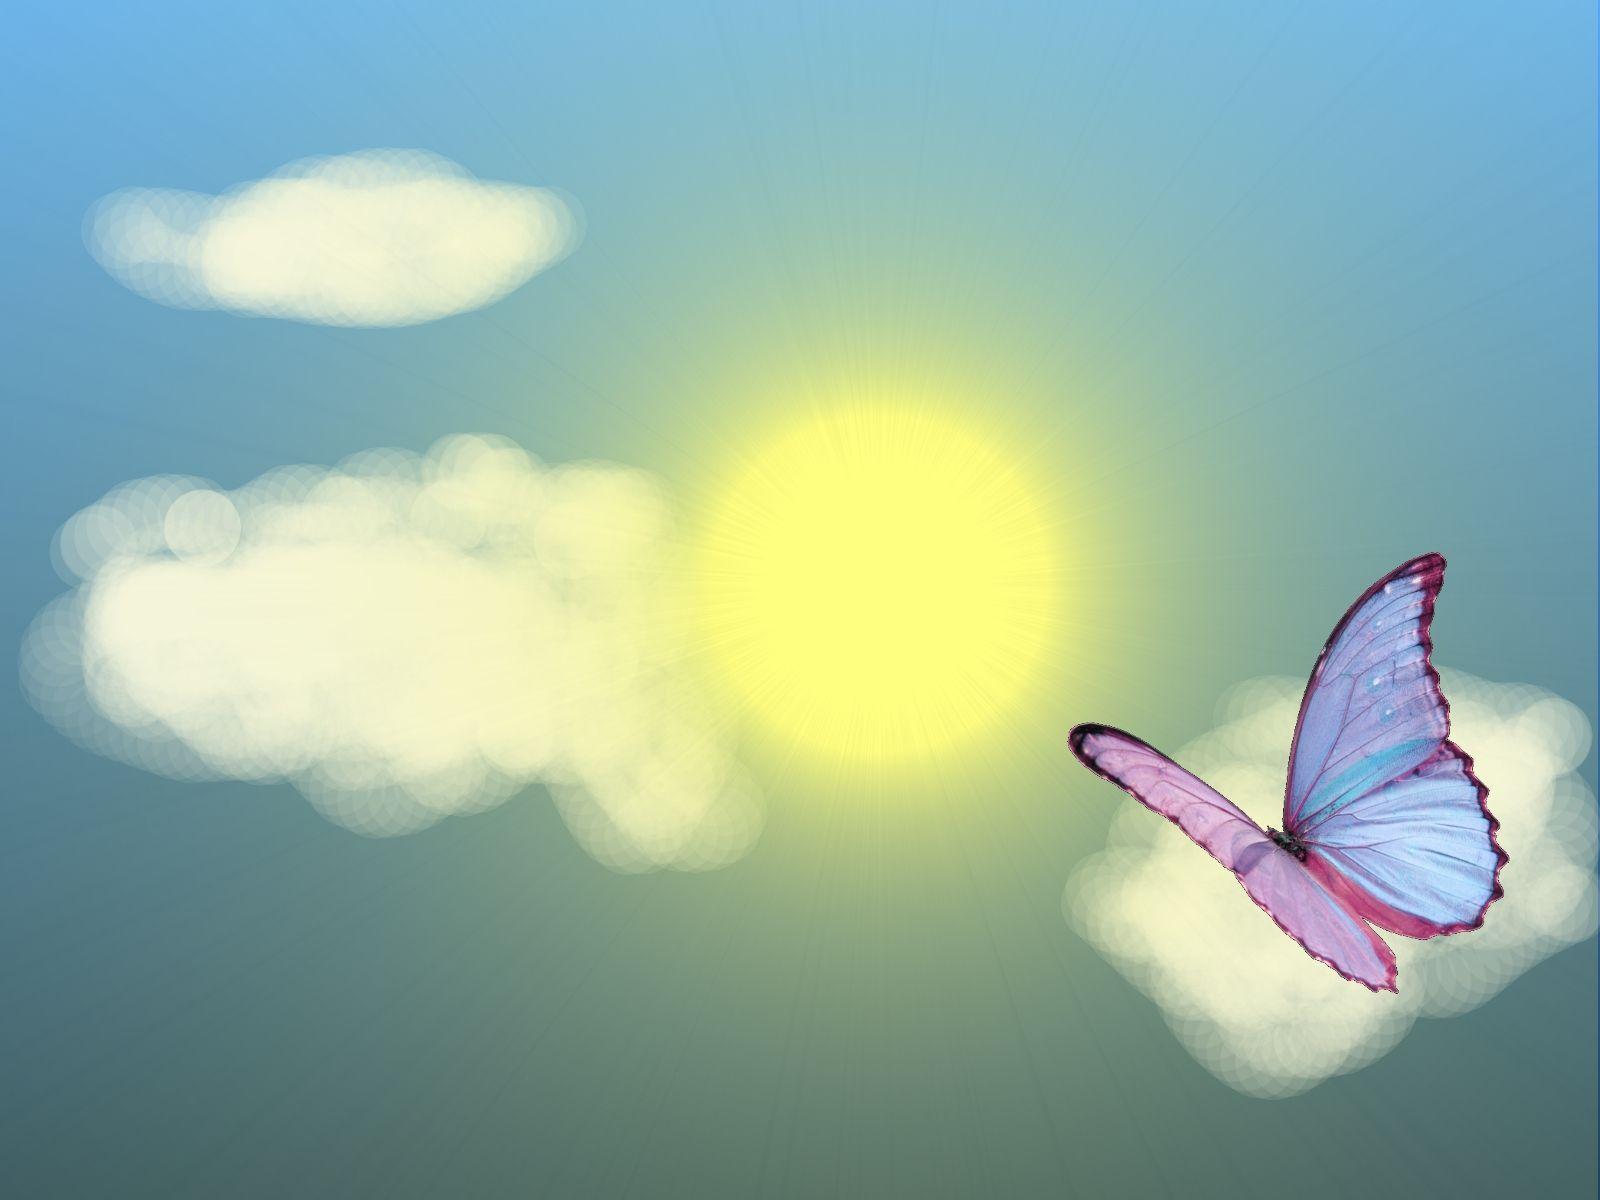 Hình nền con bướm mùa hè 1600x1200